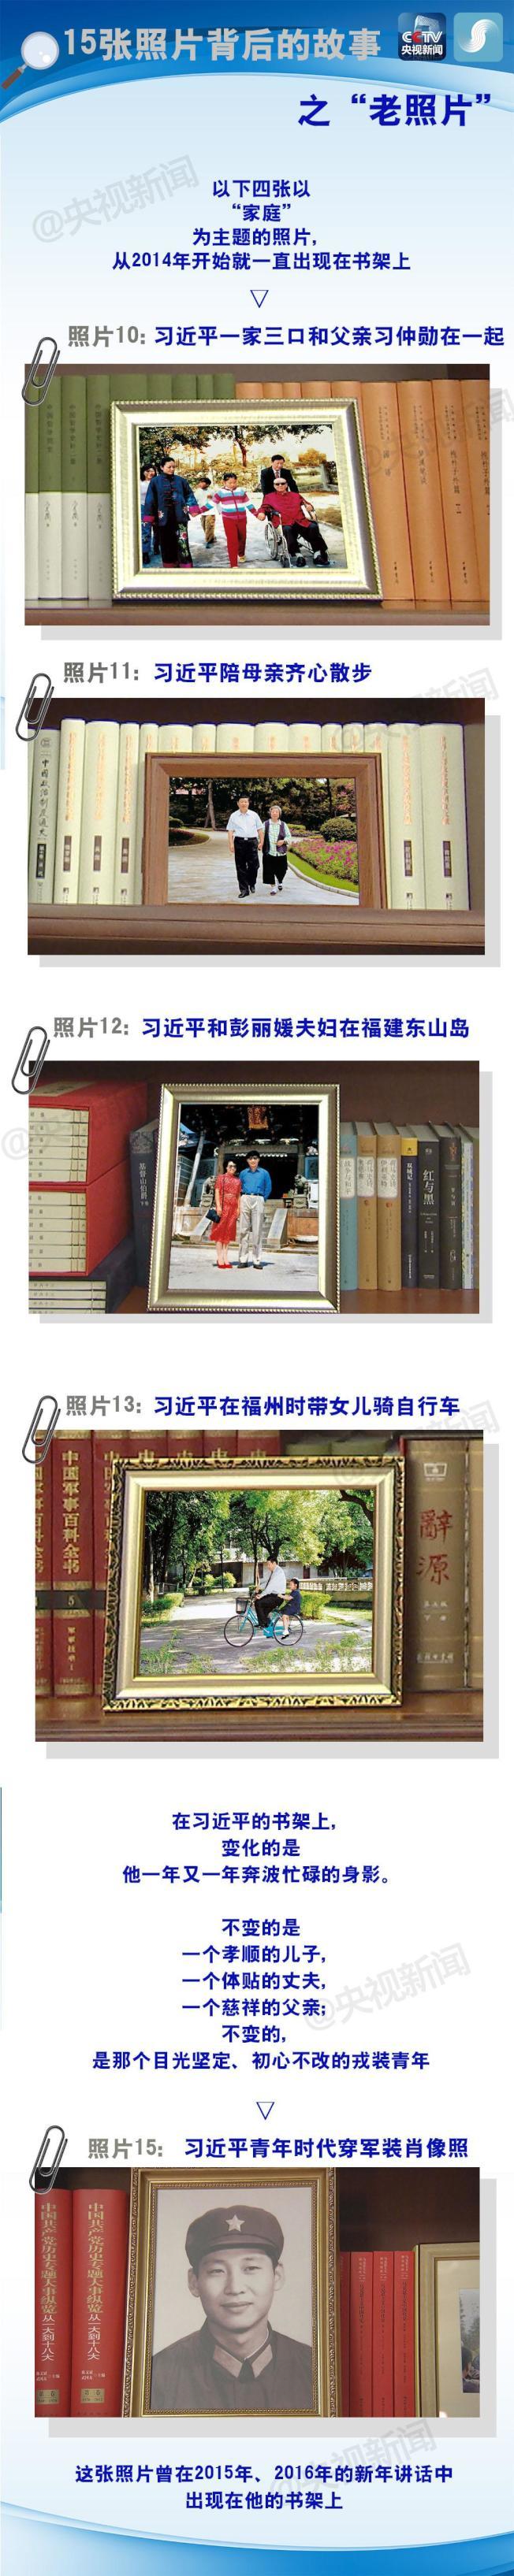 習近平書架上的6張舊照片。(取材自央視)